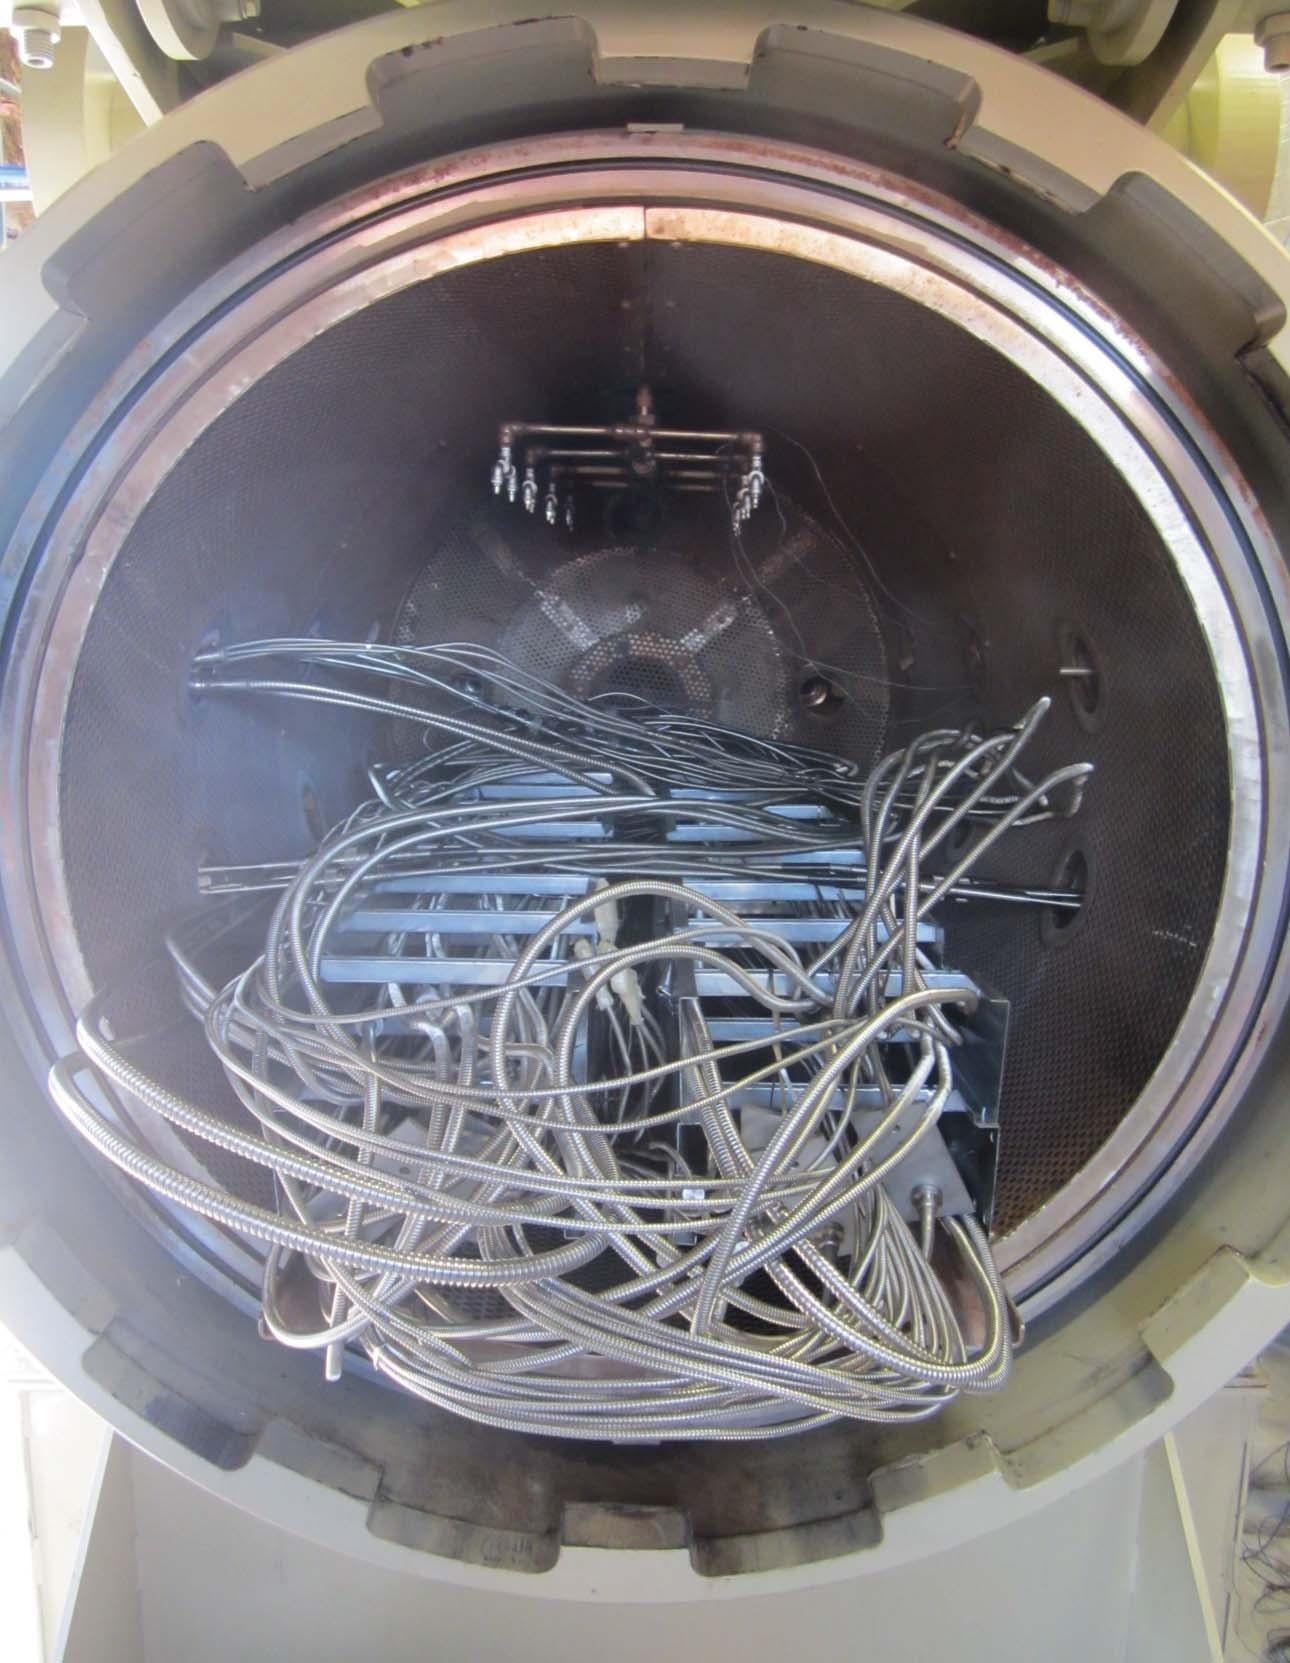 Cables in FAI LOCA chamber